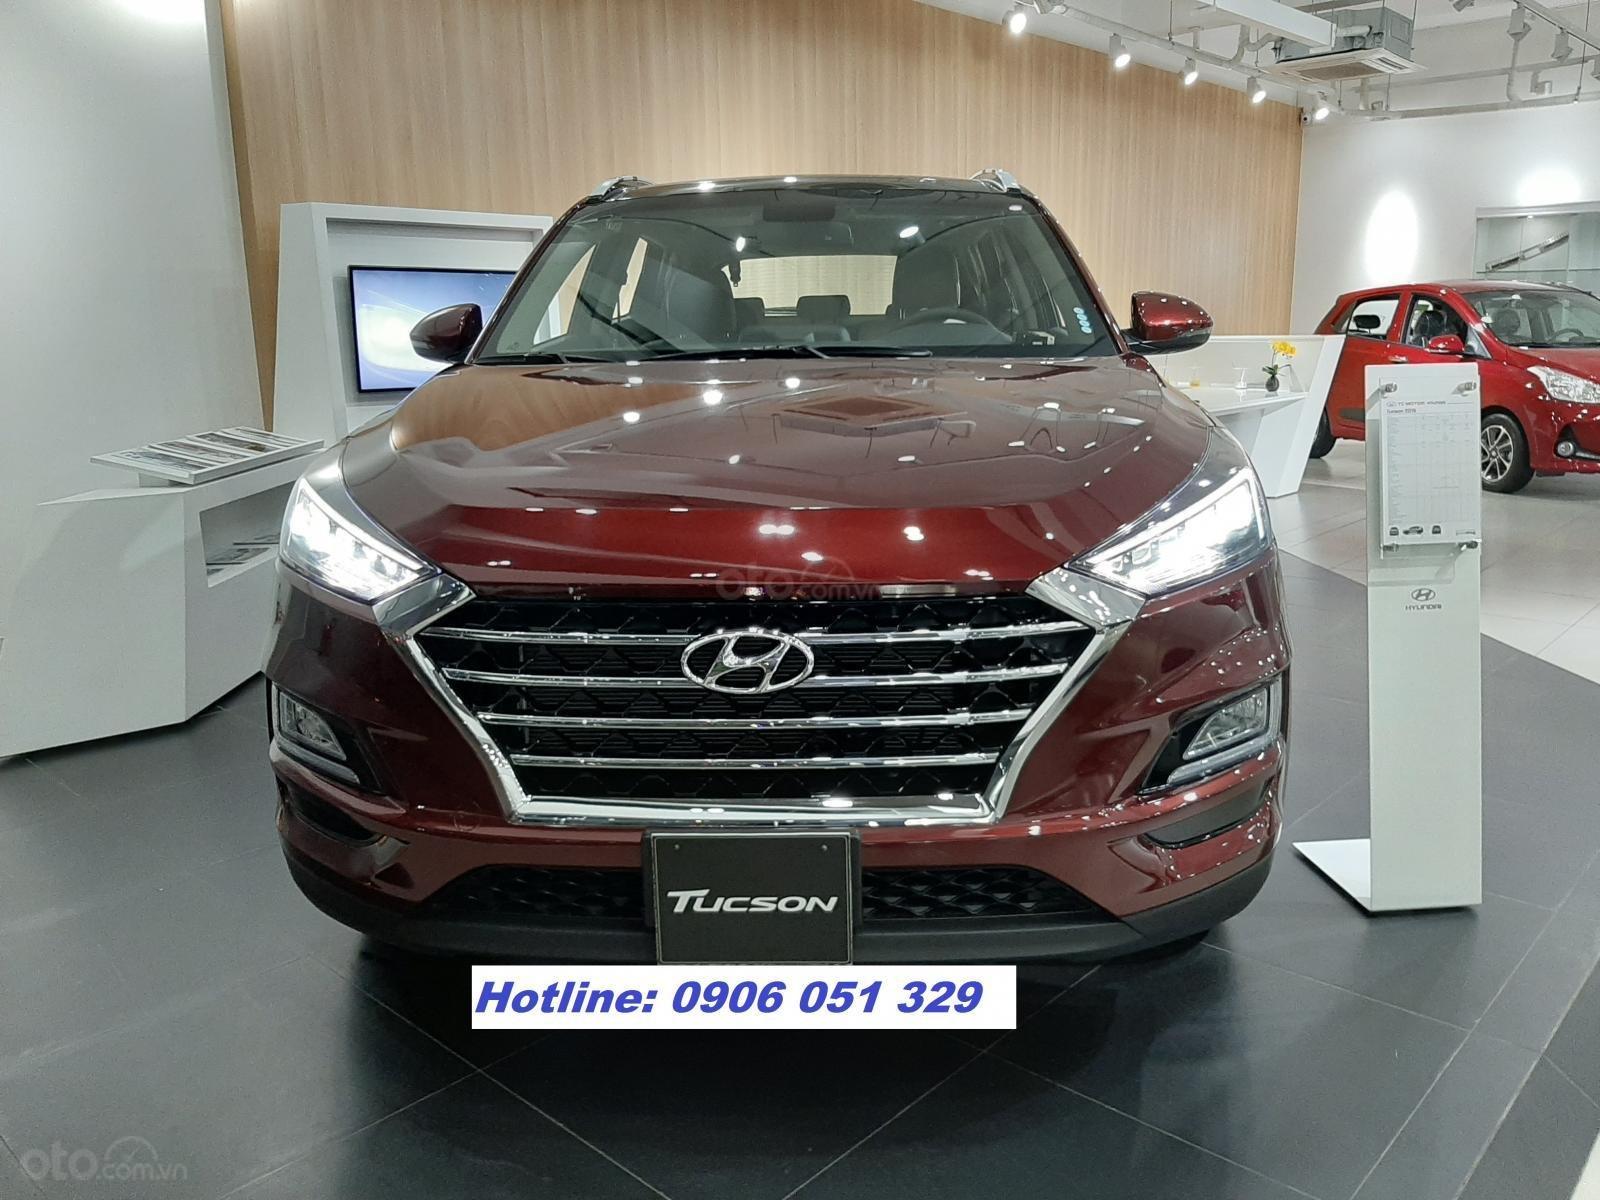 Hyundai Tucson bản FULL, giảm giá khủng, 250tr nhận xe (1)